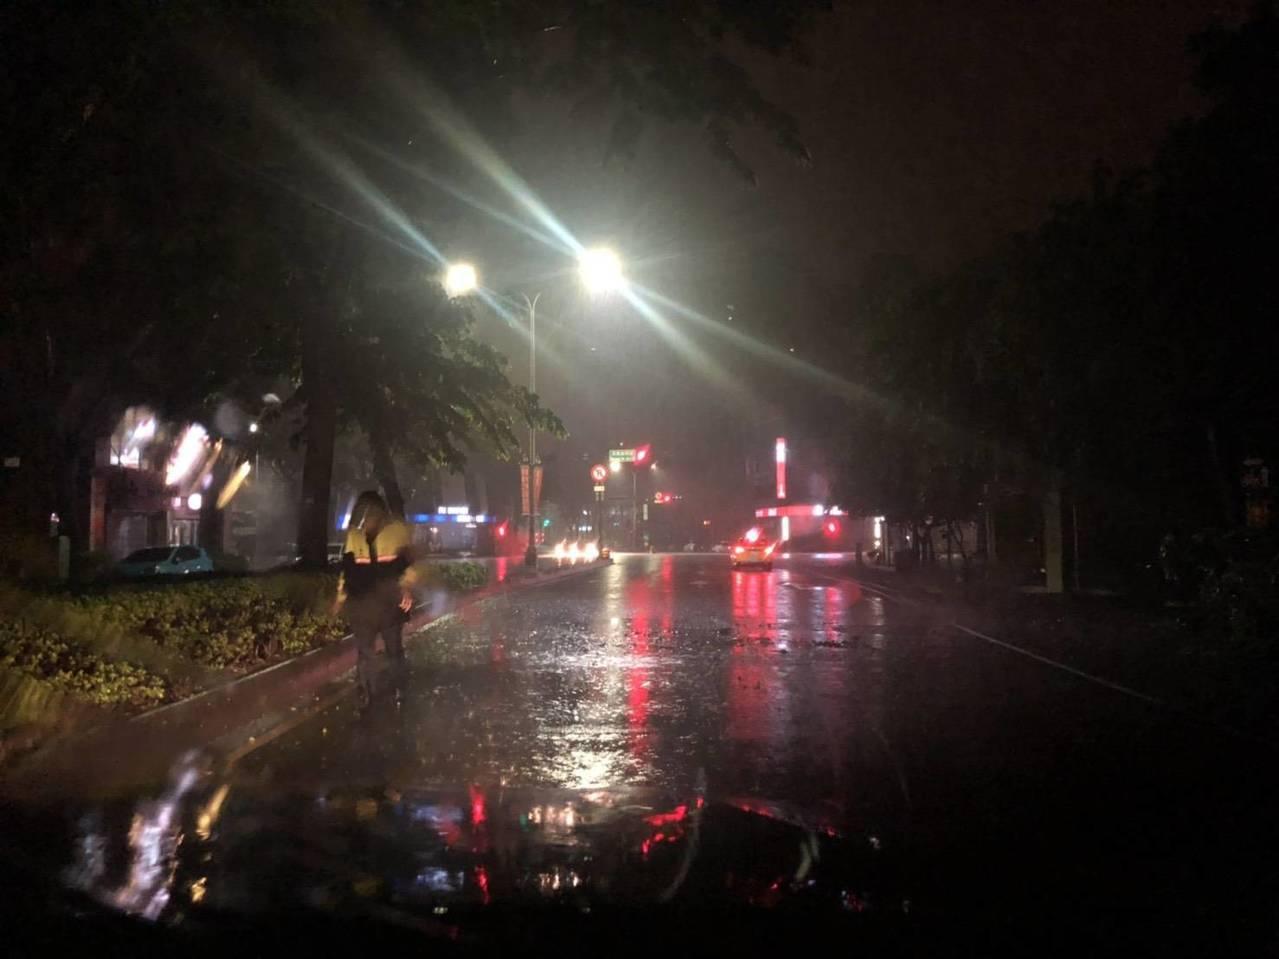 台中市今晨降雨,南屯區公益路與河南路口一棵路樹倒塌,2名員警徒手將路樹從路中央搬...